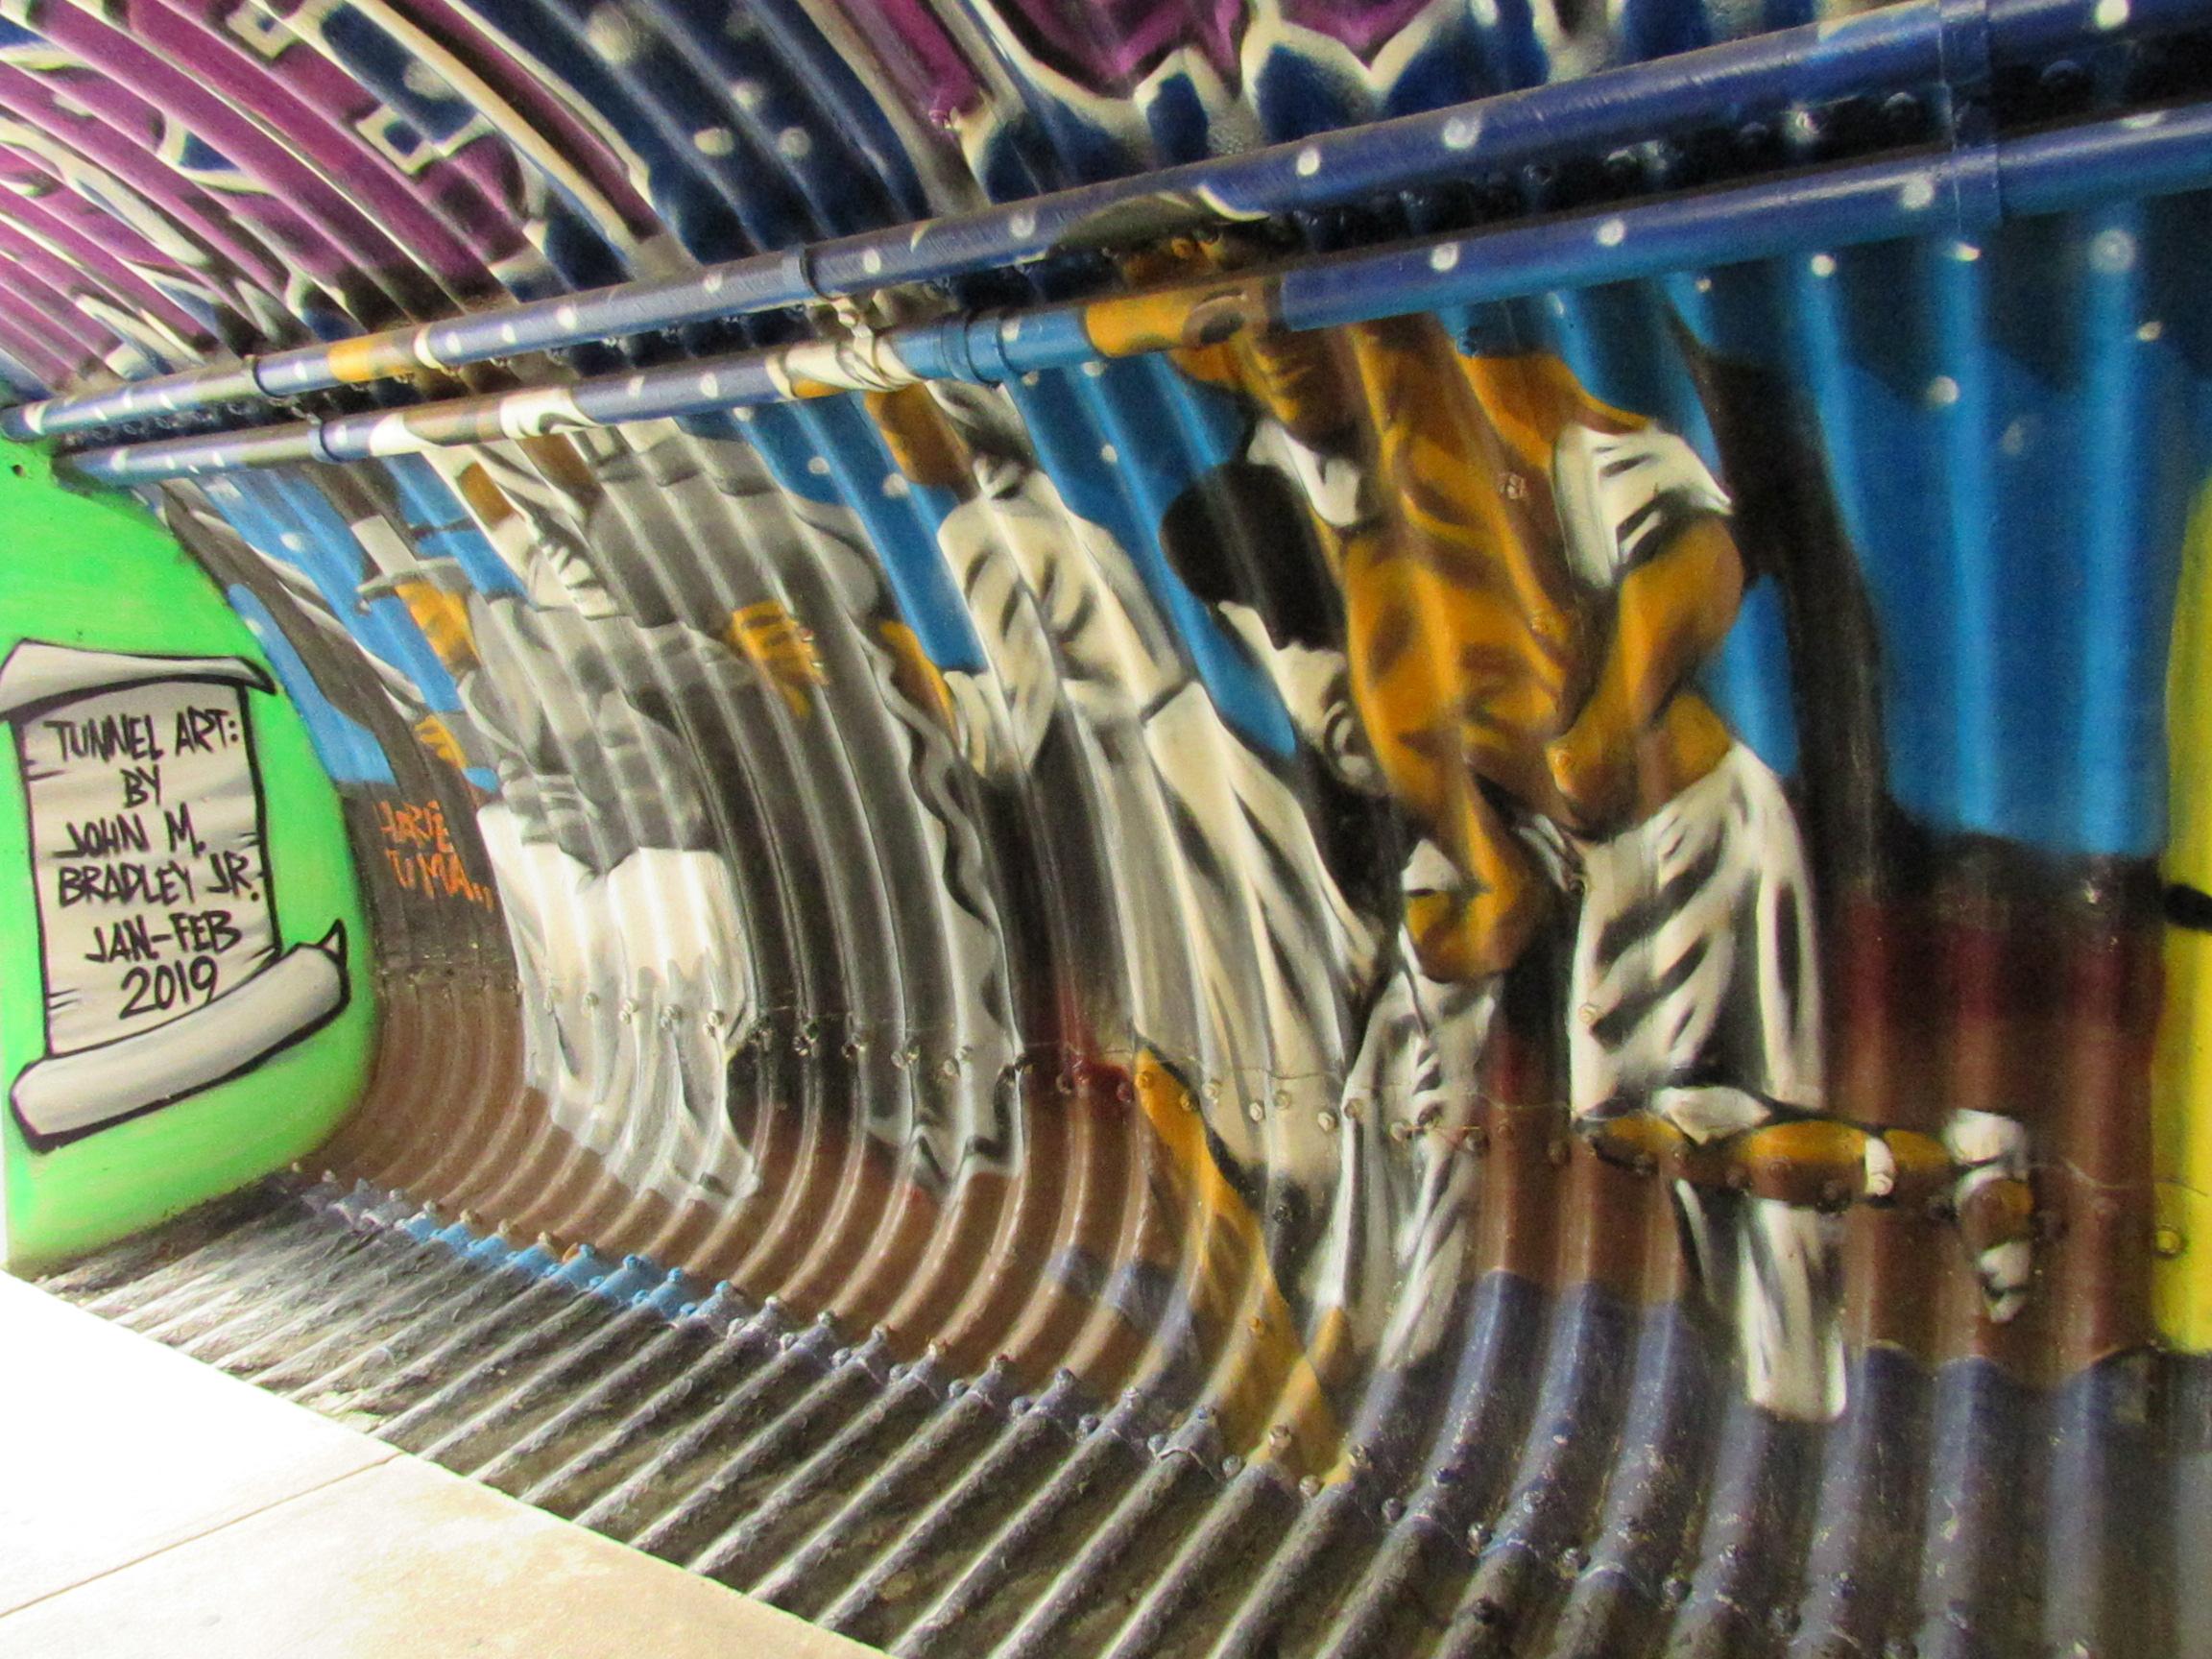 John Bradley tunnel art